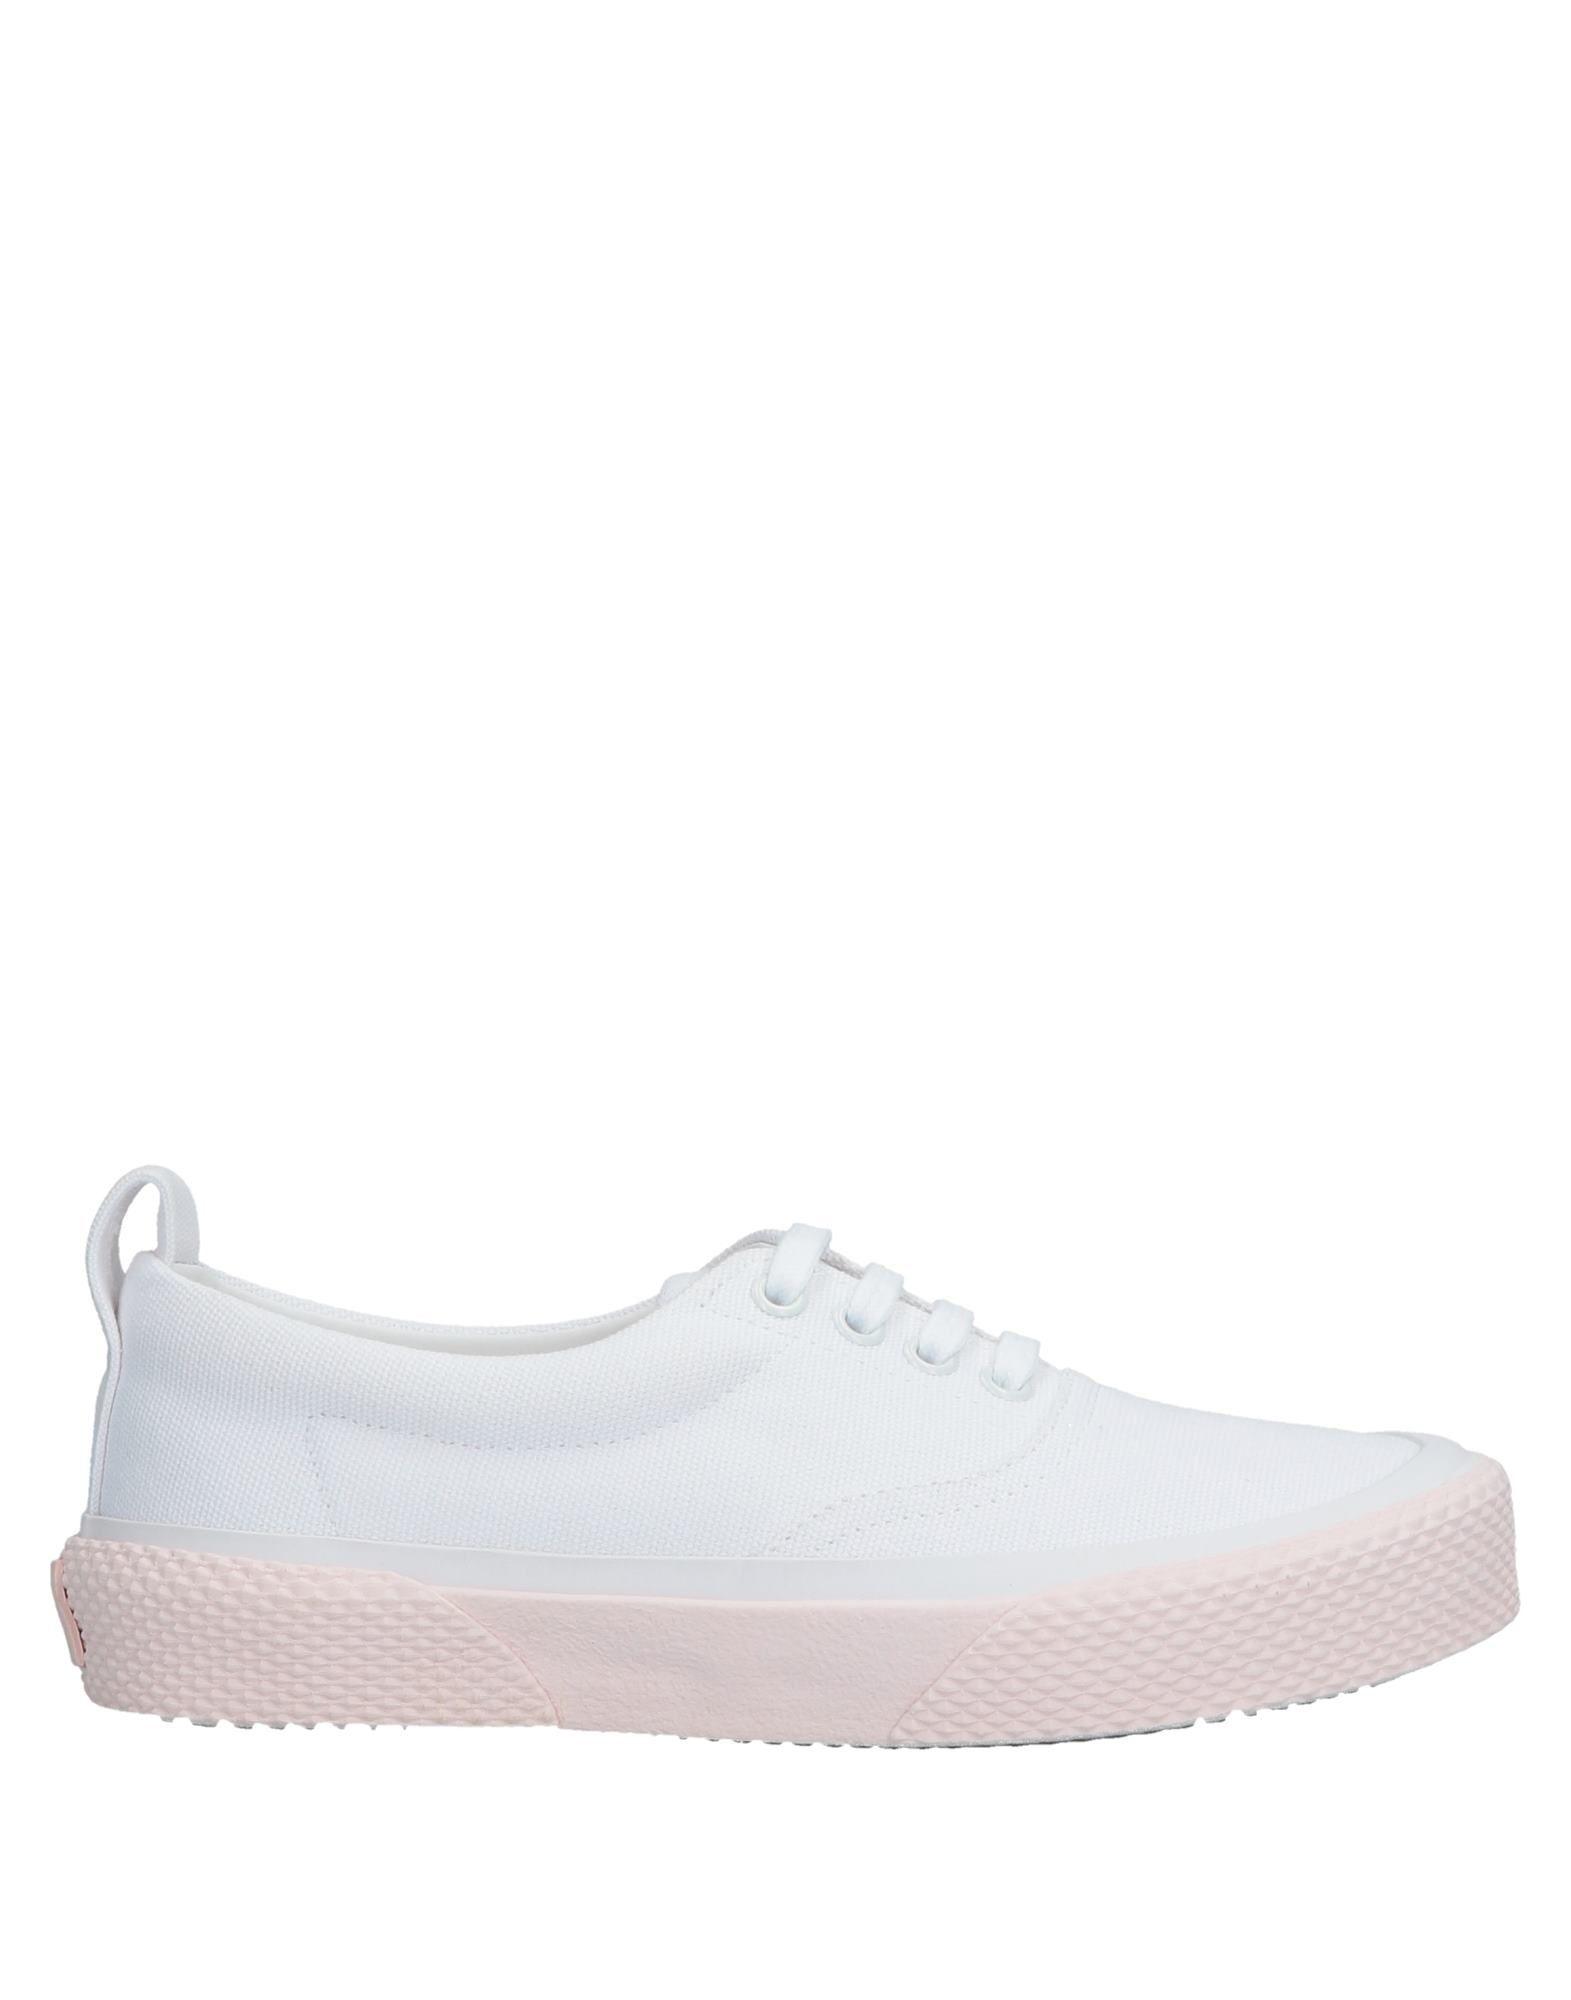 Celine Damen Turnschuhes Damen Celine 11560583JJGünstige gut aussehende Schuhe 6f885c